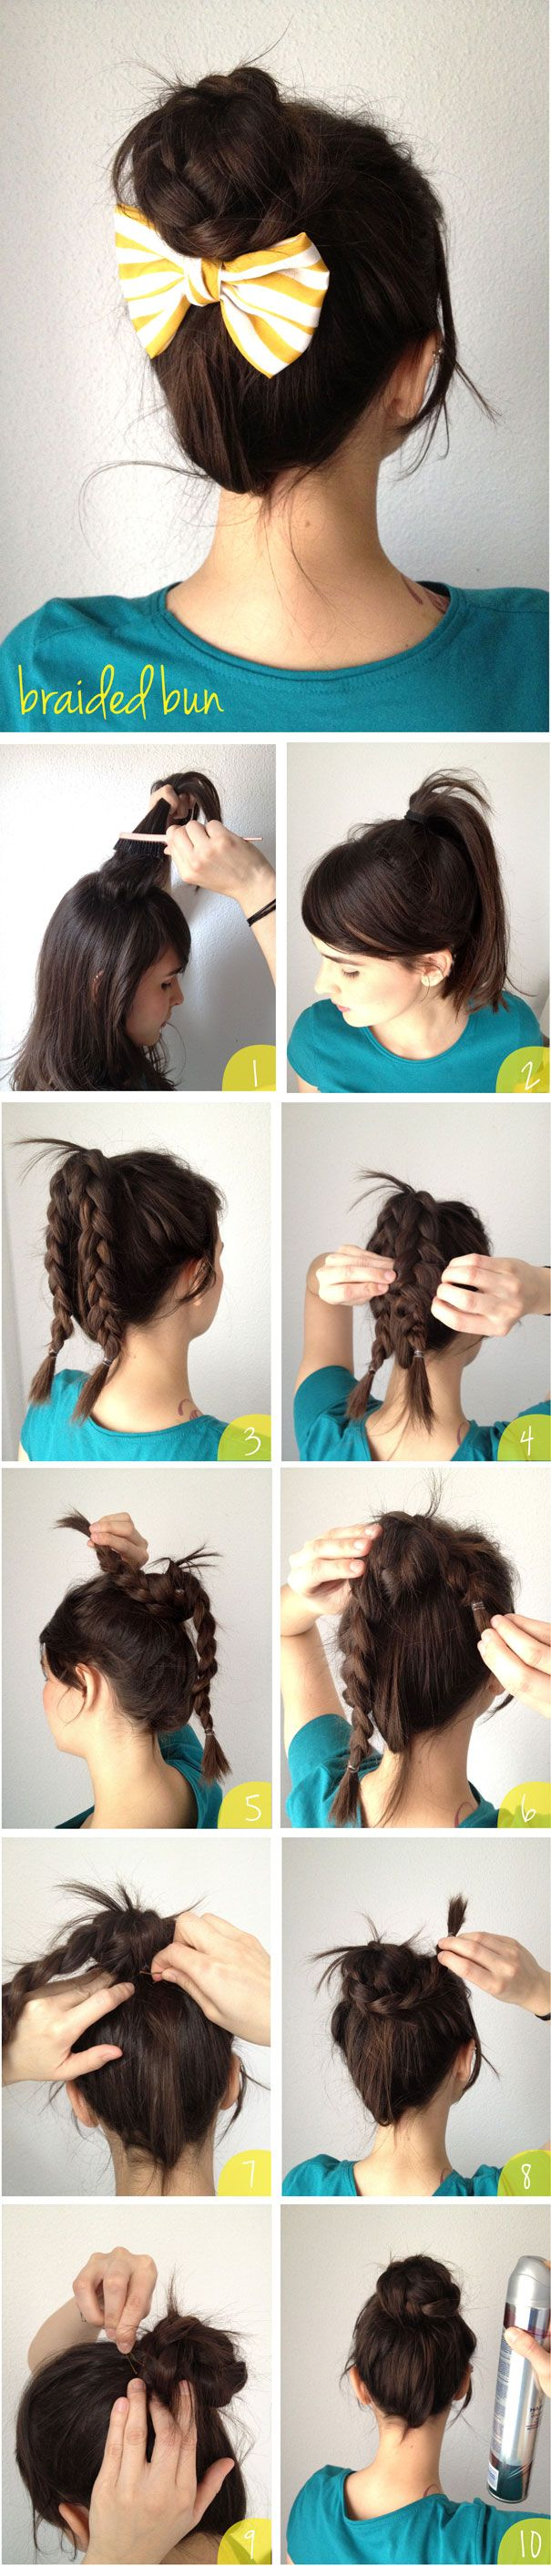 braided bun + bow